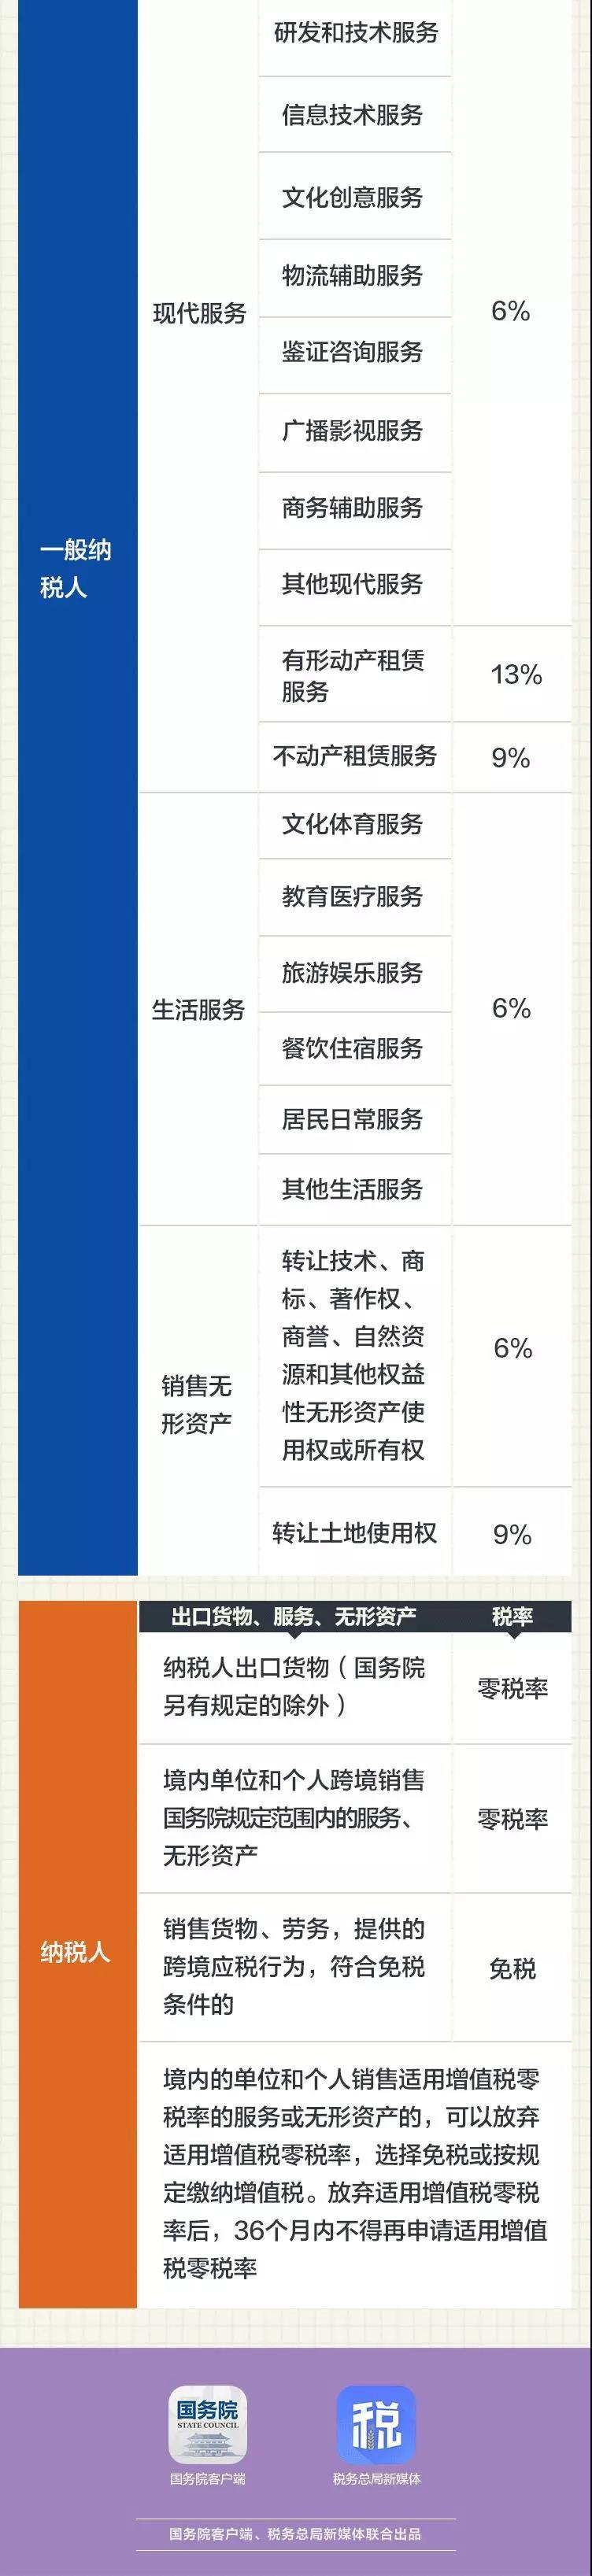 2019最新最全增值税税率 (3).jpg